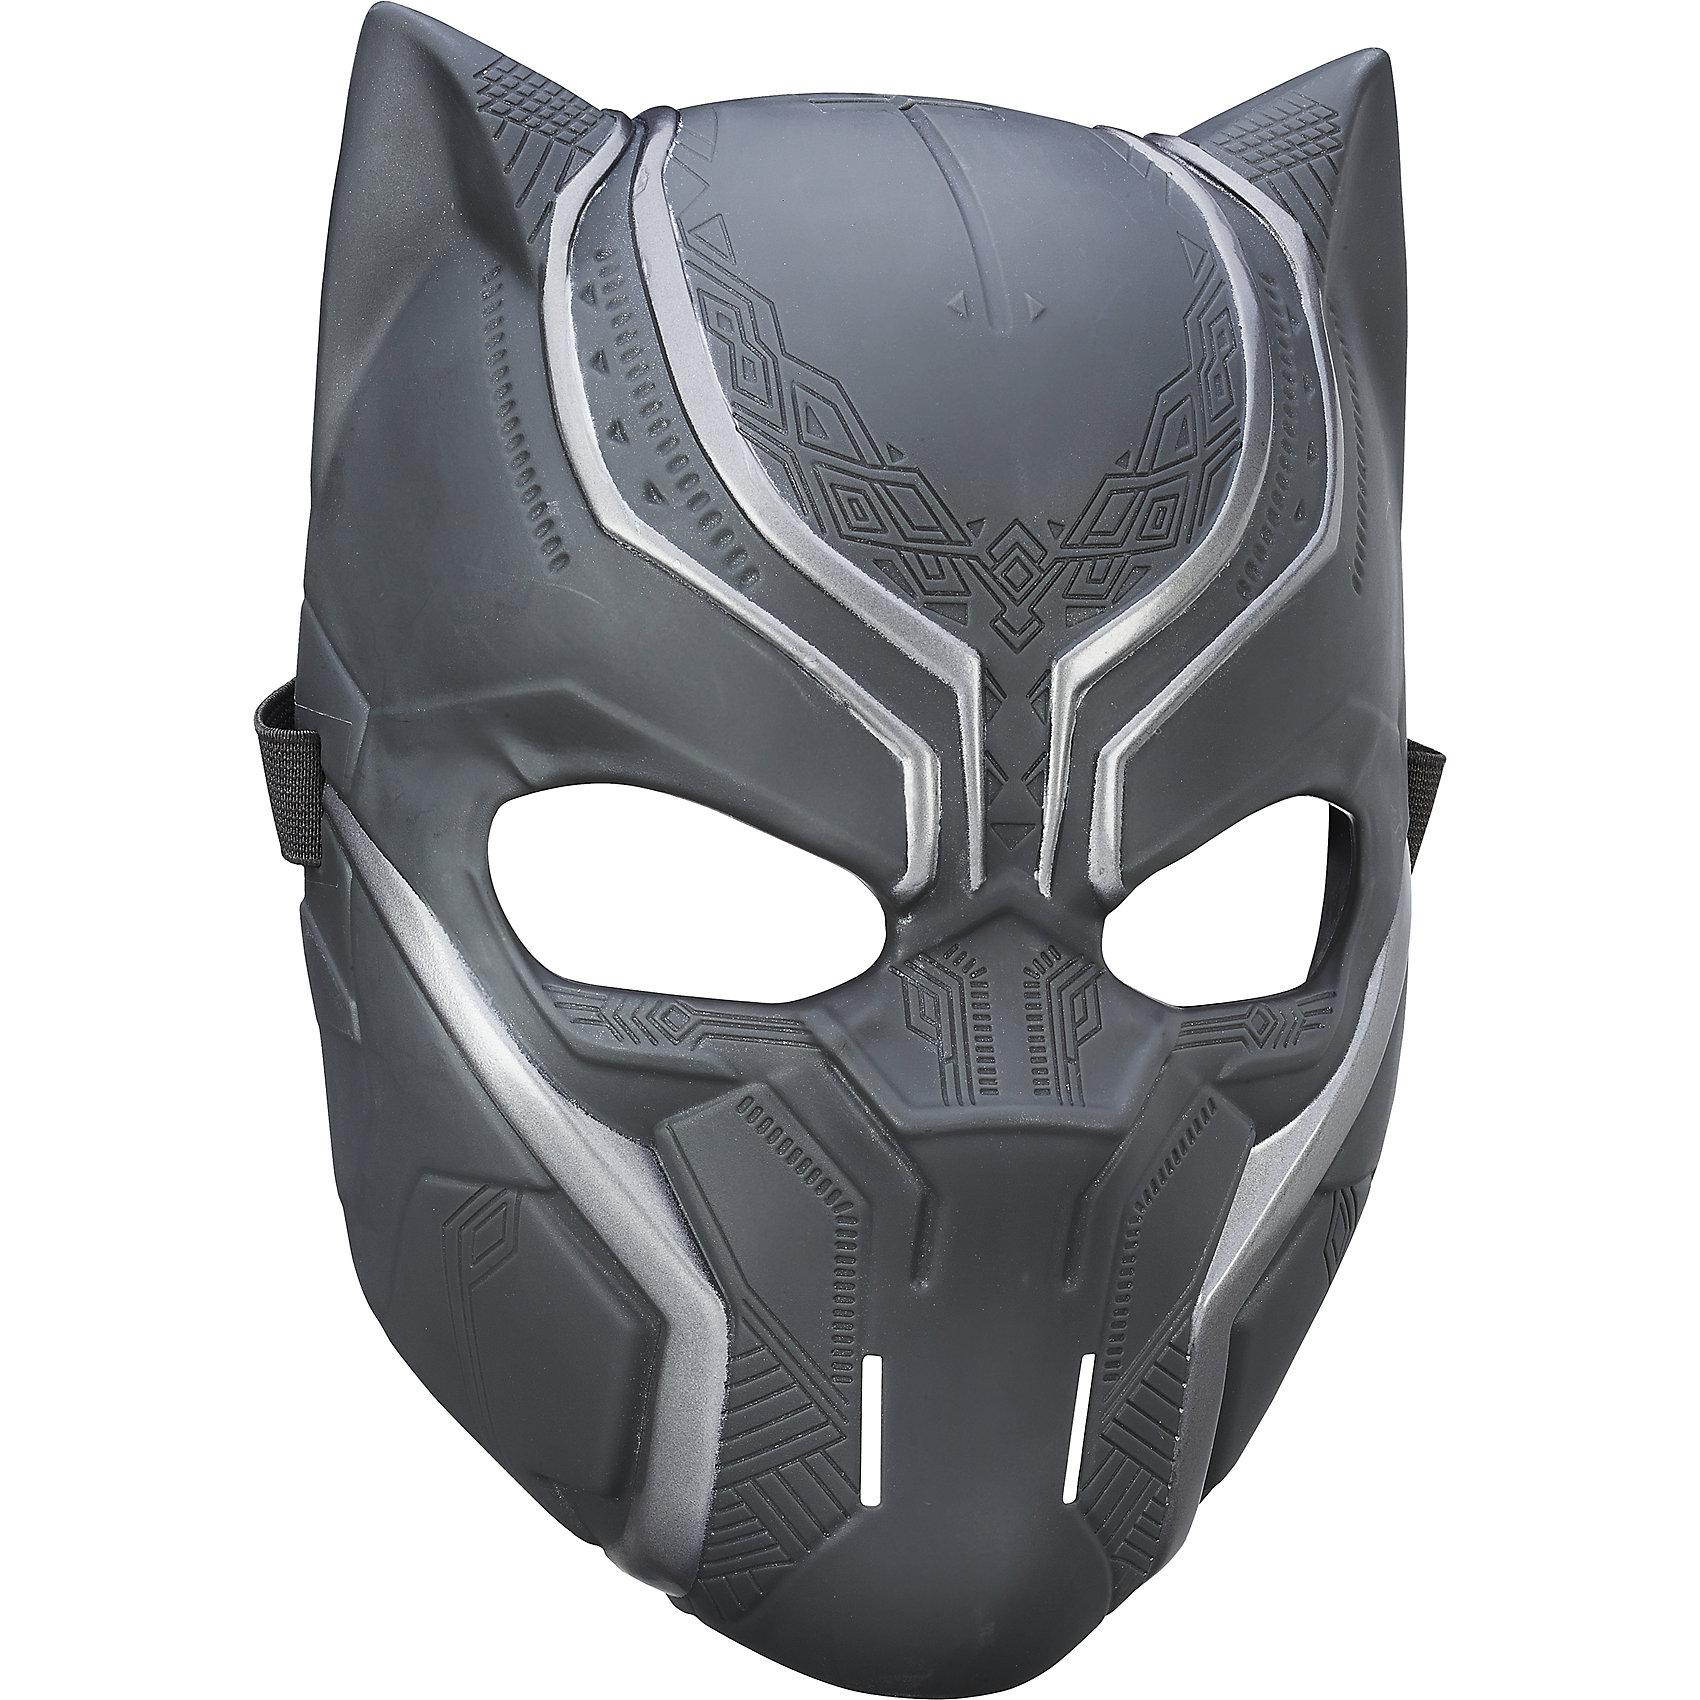 Маска Avengers Первый Мститель Черная Пантера (Black Panther)Характеристики Маски Мстители Avengers Black Panther (Черная Пантера):<br><br> - герои мультфильмов: Avengers Black Panther Черная Пантера <br> - возраст: от 4 лет<br> - пол: для мальчиков<br> - размер упаковки: 19 * 11 * 30 см<br> - комплектация: маска<br><br>Маска Avengers Black Panther (Черная Пантера) торговой компании Hasbro (Хасбо) создана точь – в – точь со своим киношным прототипом, поэтому непременно понравится мальчишкам и будет отличным дополнением к ролевым играм про Мстителей. Она изображает одного из персонажей этой серии – Черную пантеру (Avengers Black Panther)<br>Защитник Адской кухни, обладатель сверхспособностей: может поднимать большой вес, развивать скорость до 56 км/час. А благодаря повешенной регенерации, герой Пантера способен быстро исцелить раны, которые для обычных людей стали бы смертельными. Маска крепится на голову ребенка с помощью липучек, а накладки в области глаз и носа обеспечат ее комфортное ношение.<br><br>Маску героя Avengers Black Panther (Черная Пантера) торговой компании Hasbro (Хасбо) можно купить в нашем интернет-магазине.<br><br>Ширина мм: 100<br>Глубина мм: 190<br>Высота мм: 600<br>Вес г: 192<br>Возраст от месяцев: 60<br>Возраст до месяцев: 120<br>Пол: Мужской<br>Возраст: Детский<br>SKU: 5064753